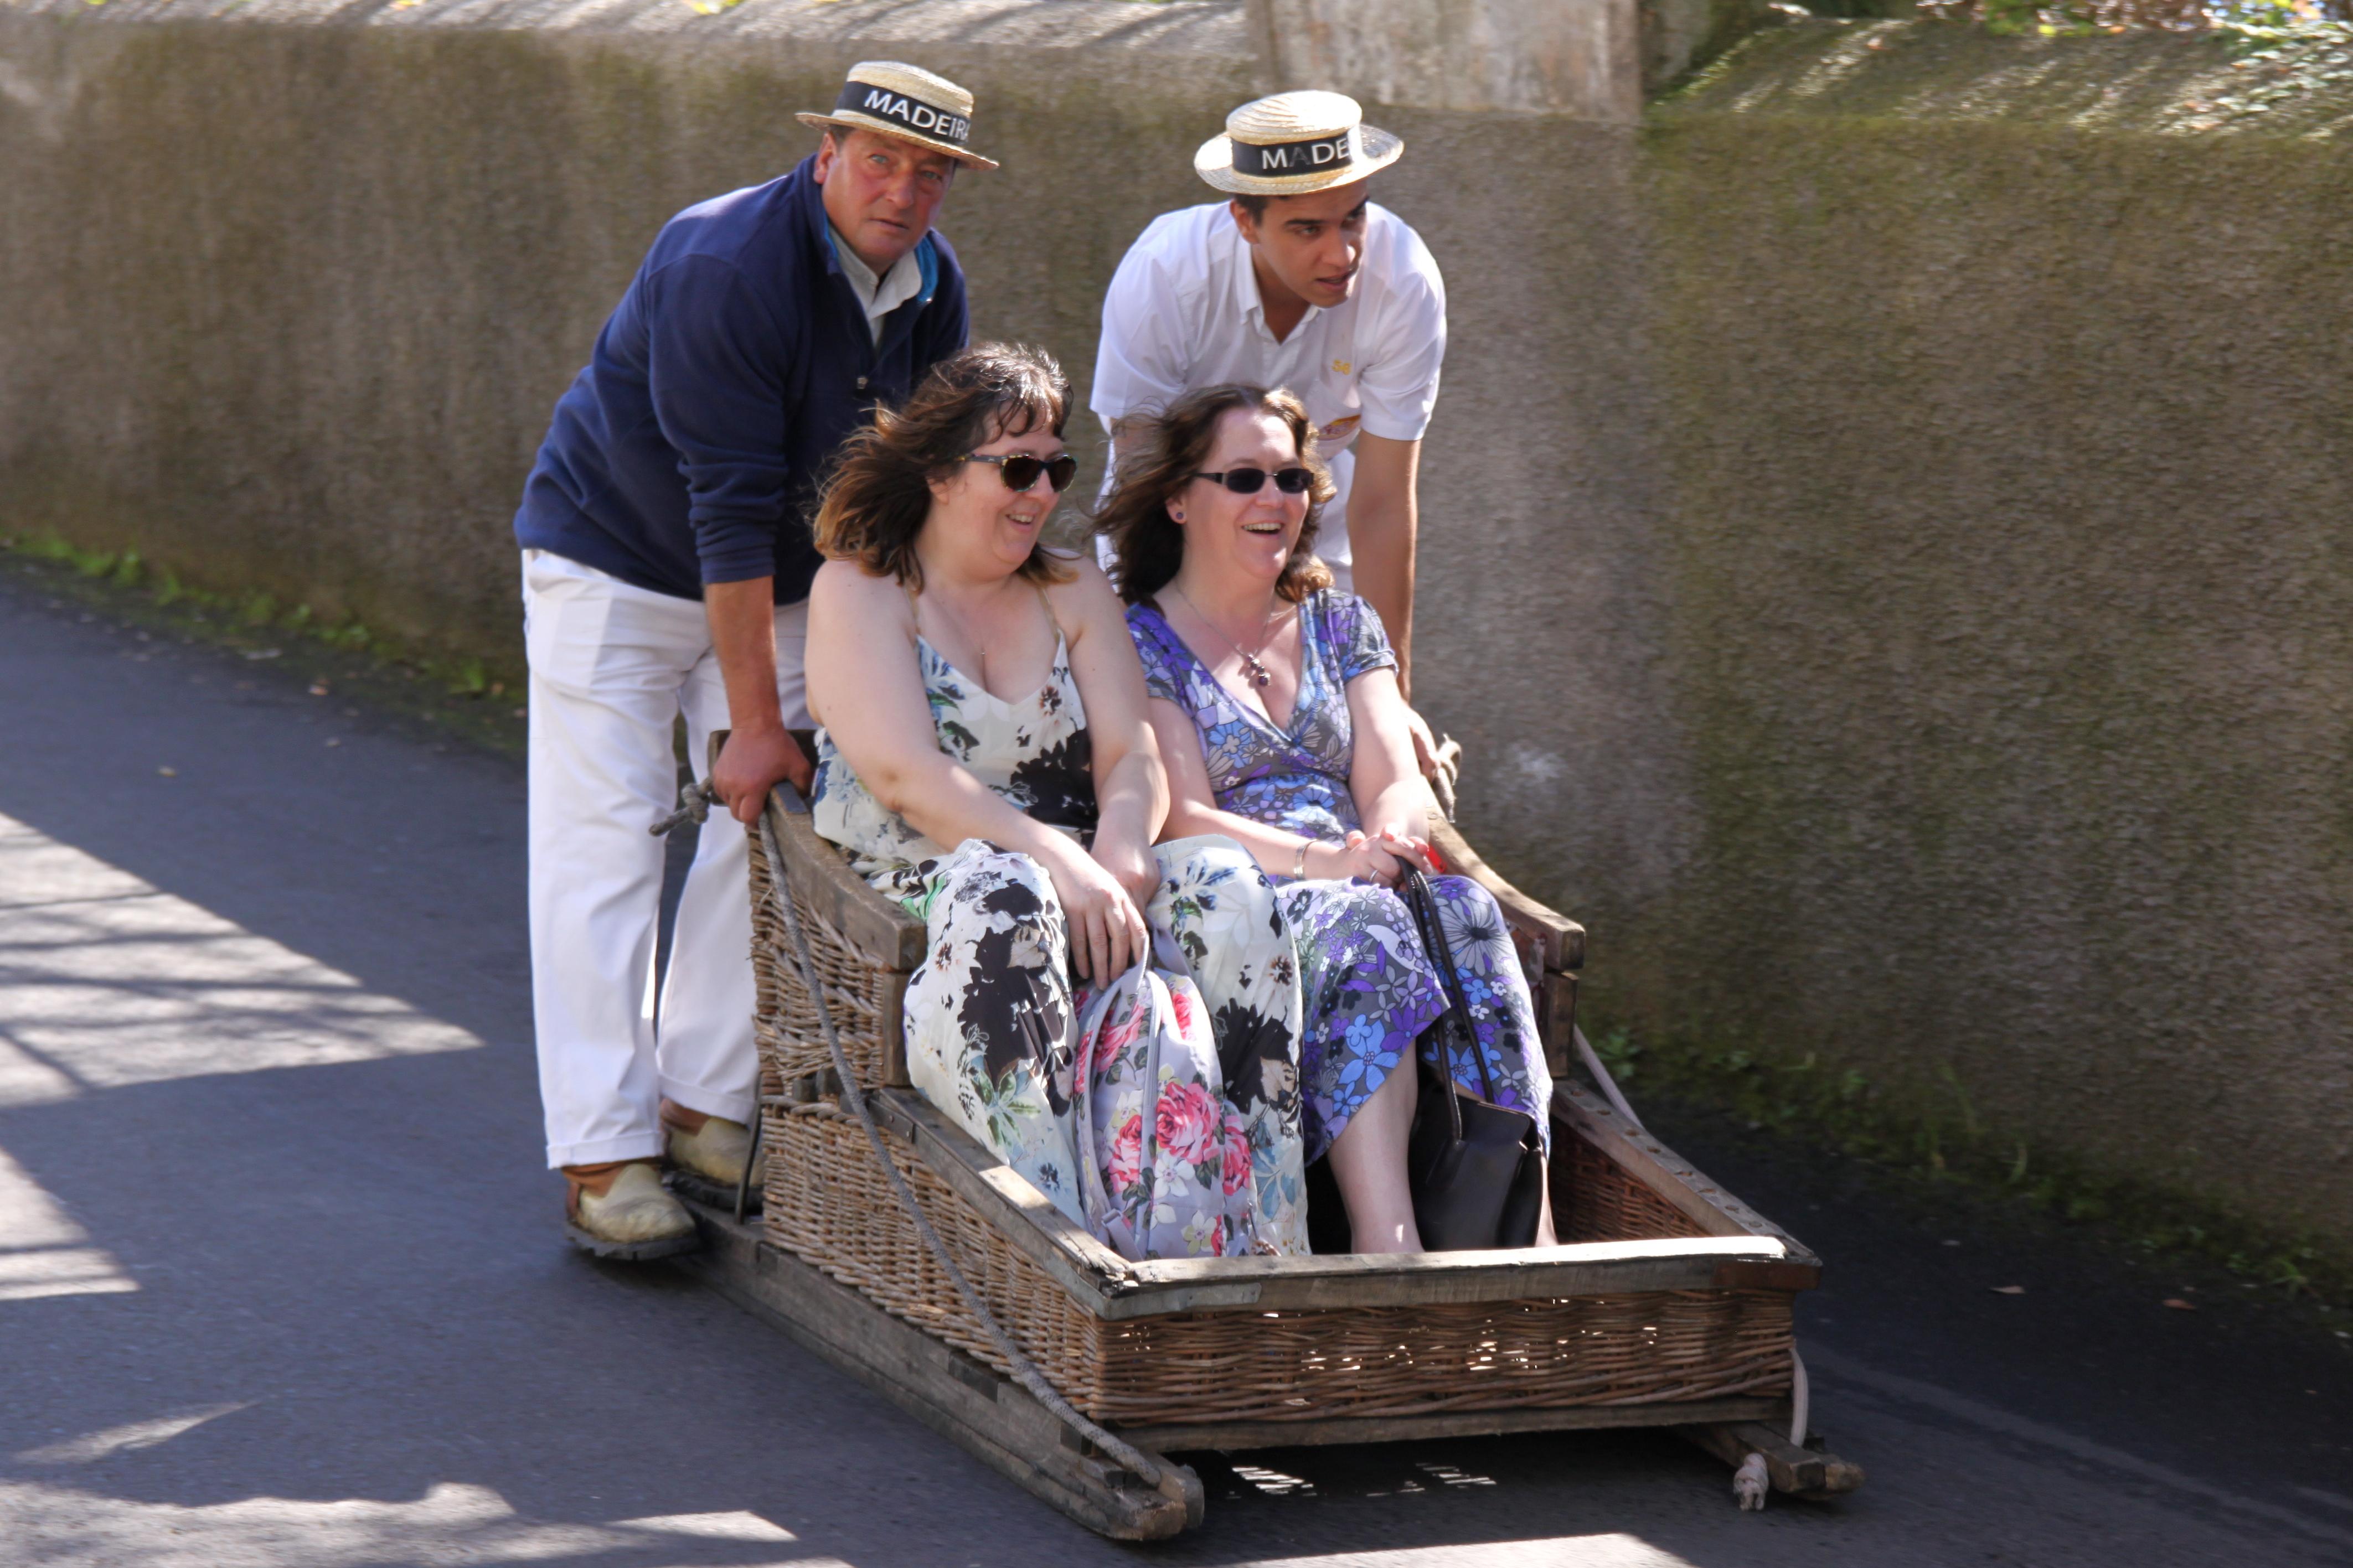 Madeira - Monte toboggan ride